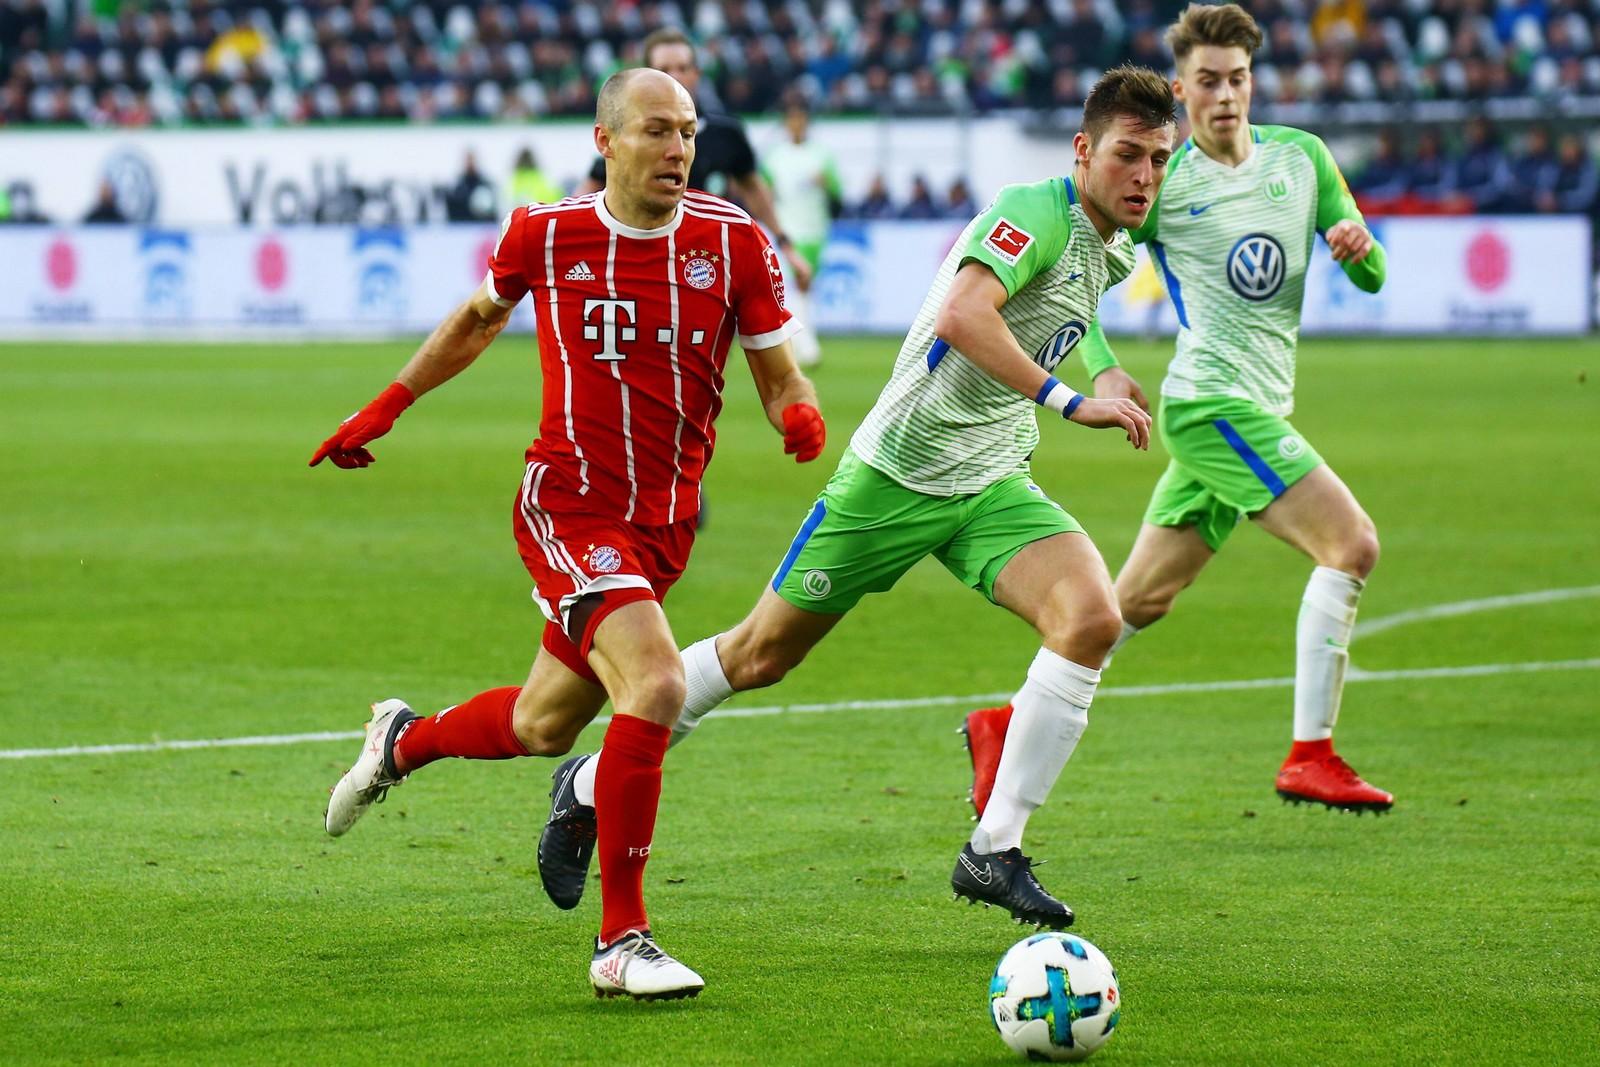 Setzt sich Robben gegen Knoche durch? Jetzt auf Wolfsburg gegen Bayern wetten